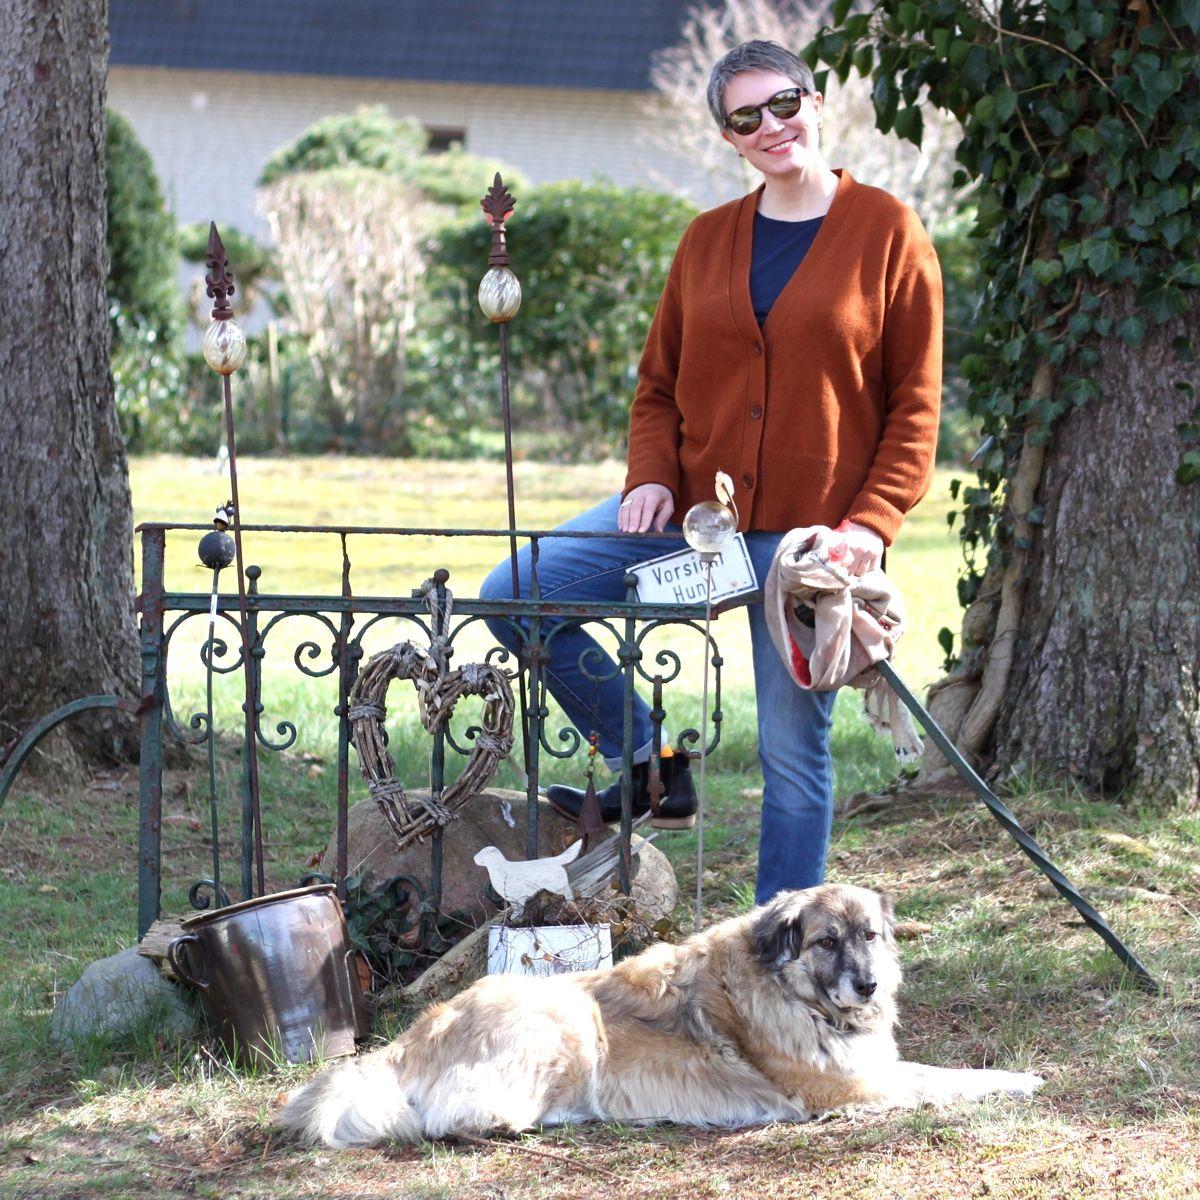 Ines Meyrose - Outfit 2021 - braune Strickjacke, blaue Jeans, blaue Stiefeletten - Ü40 Bloggerin mit Hund Paul